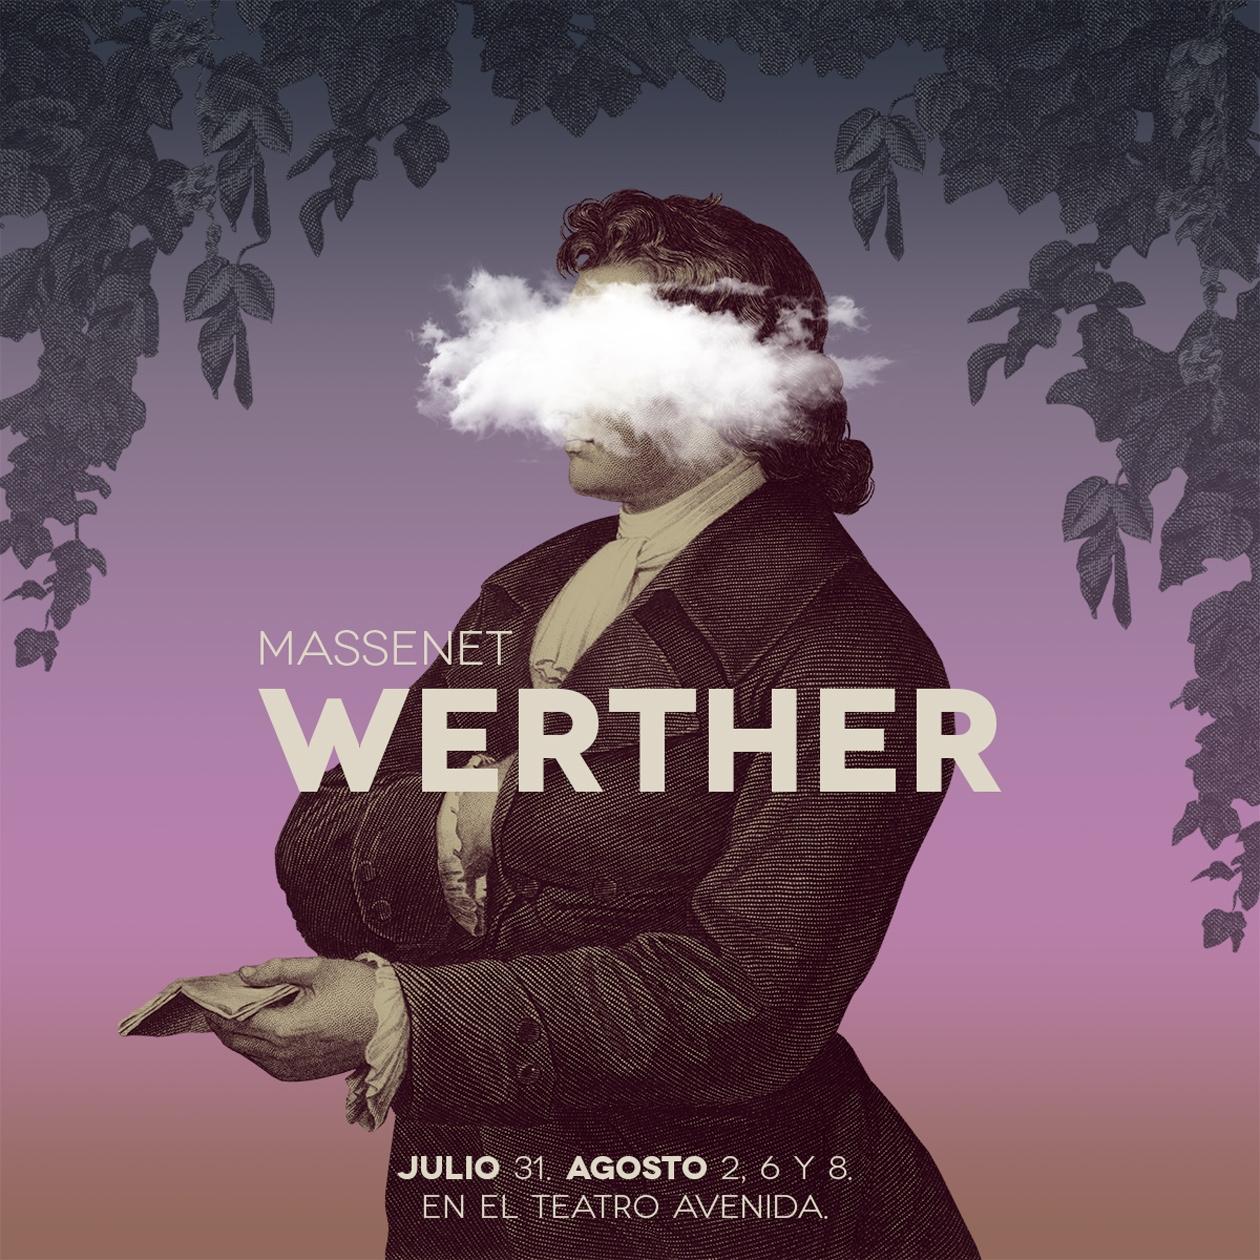 Diseño de comunicación visual para la ópera Werther